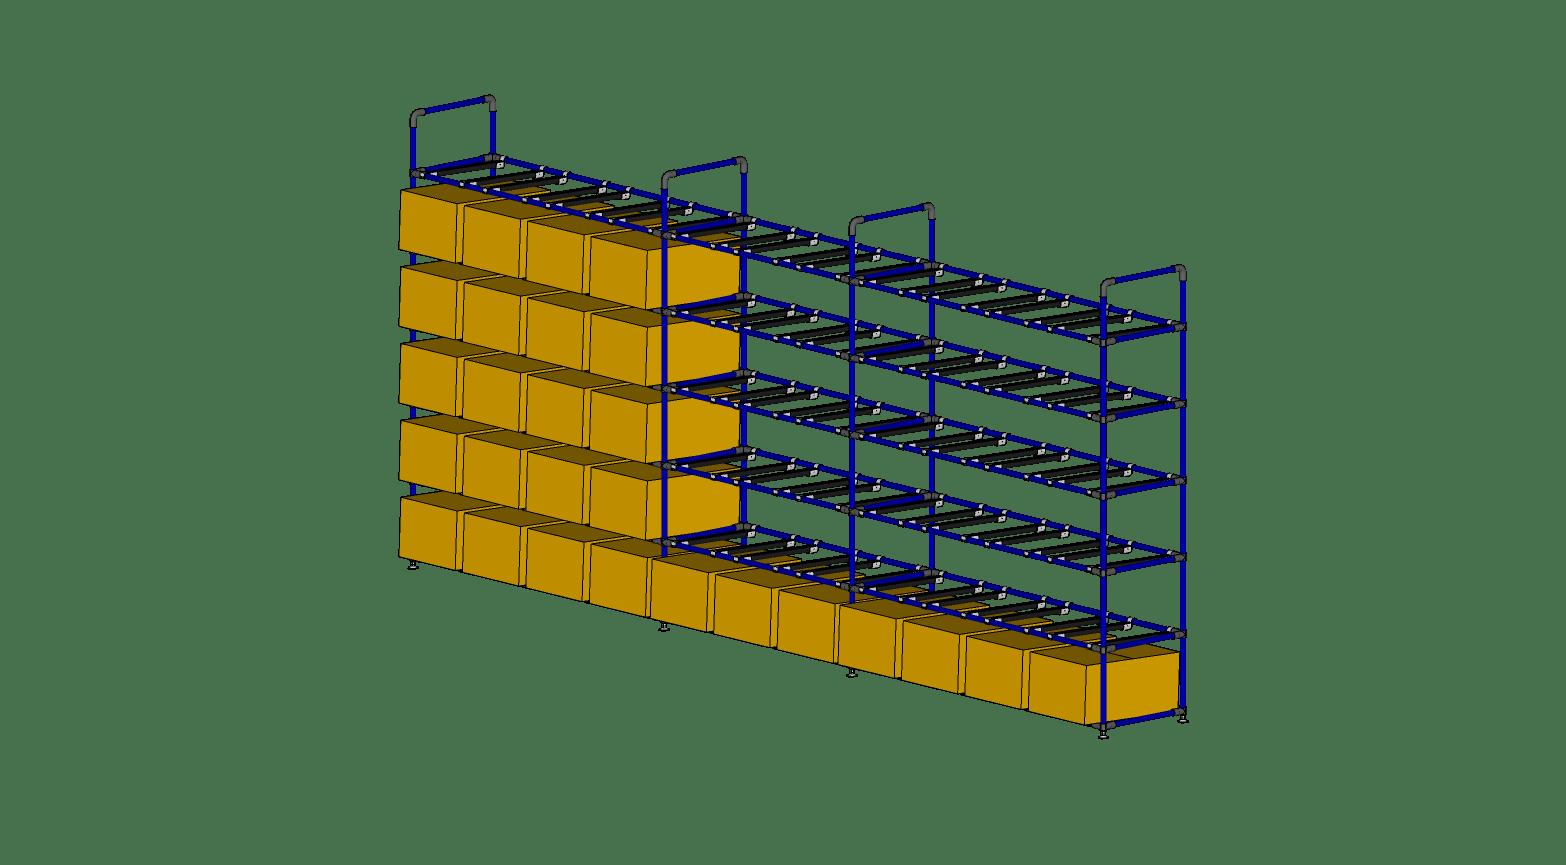 Straight Shelves Supermarket for Boxes